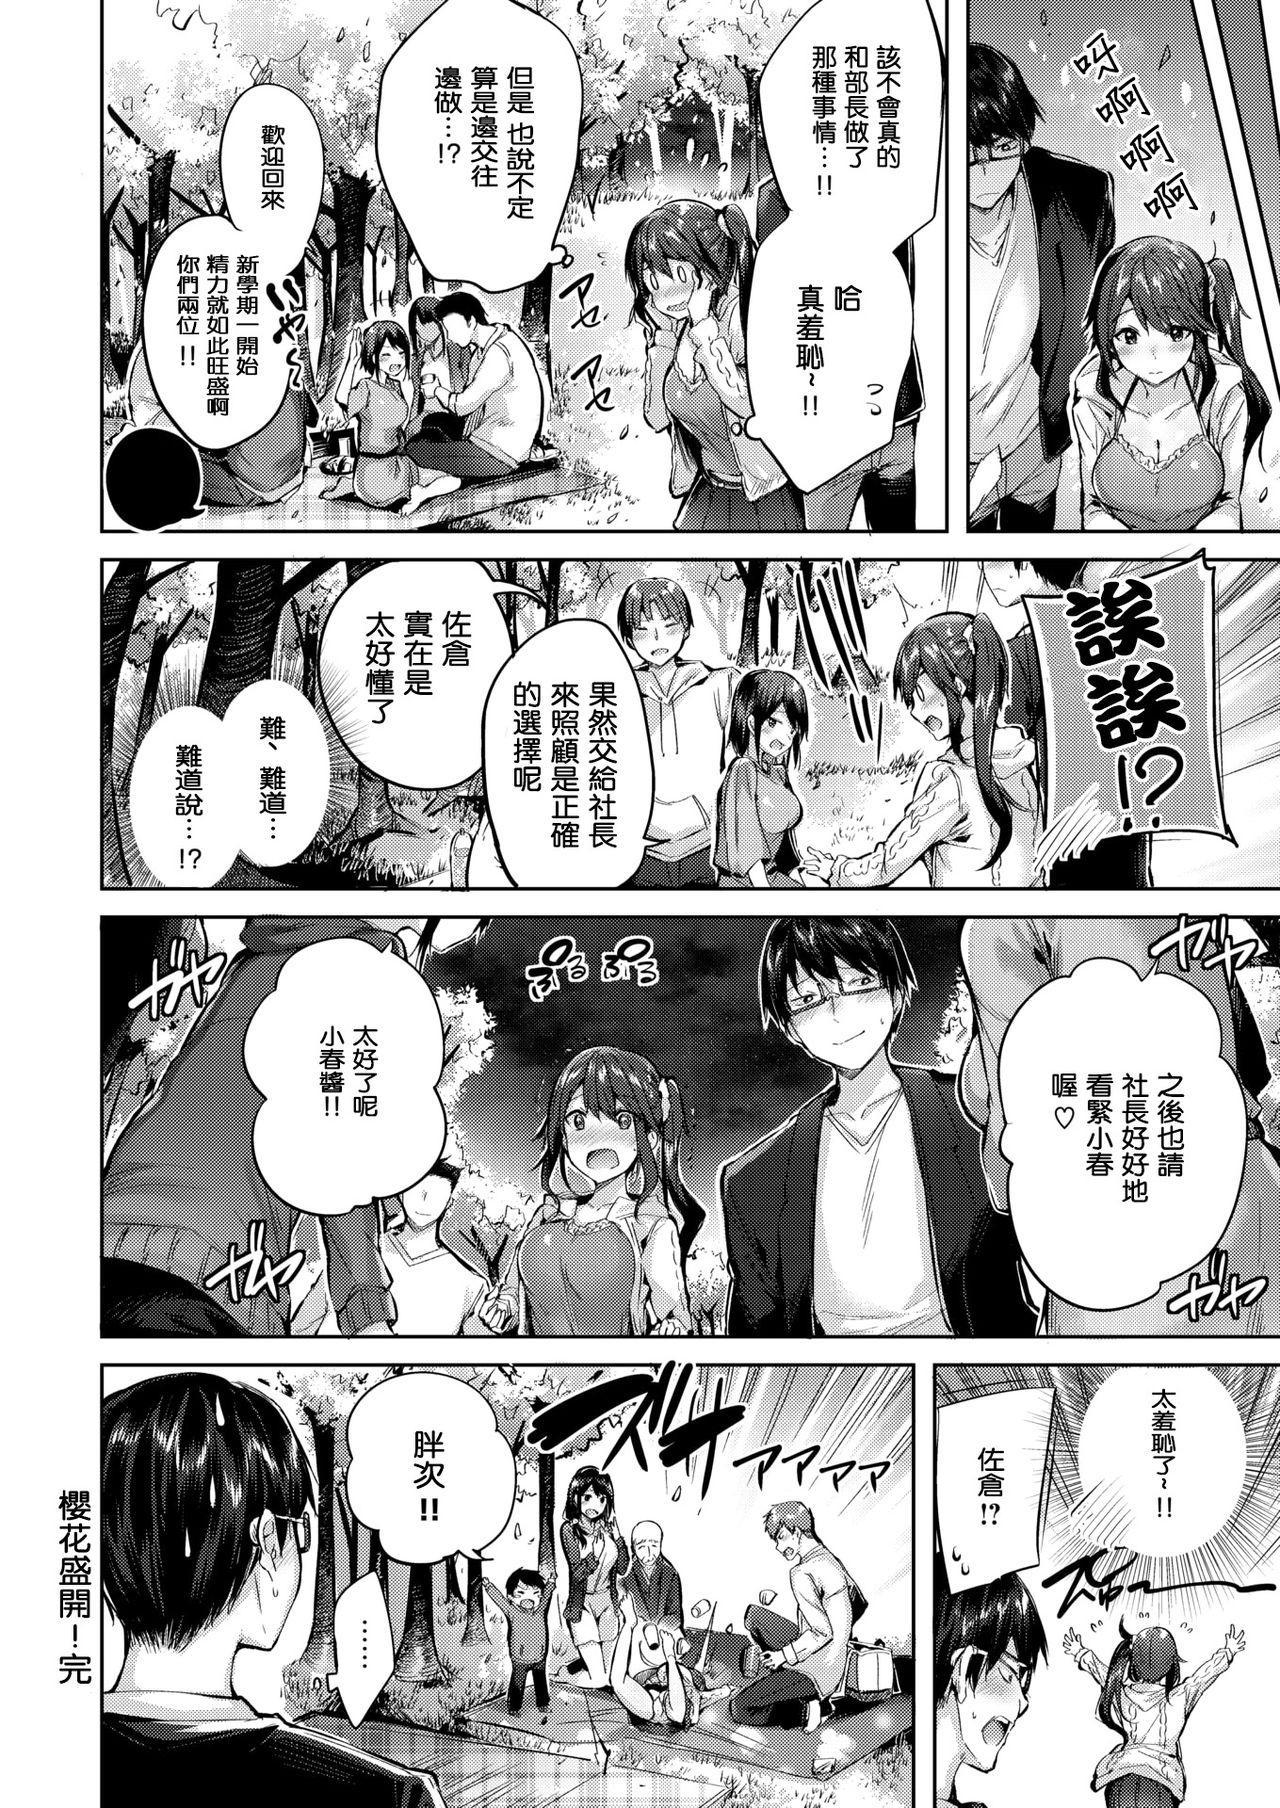 Sakura Saku! 21